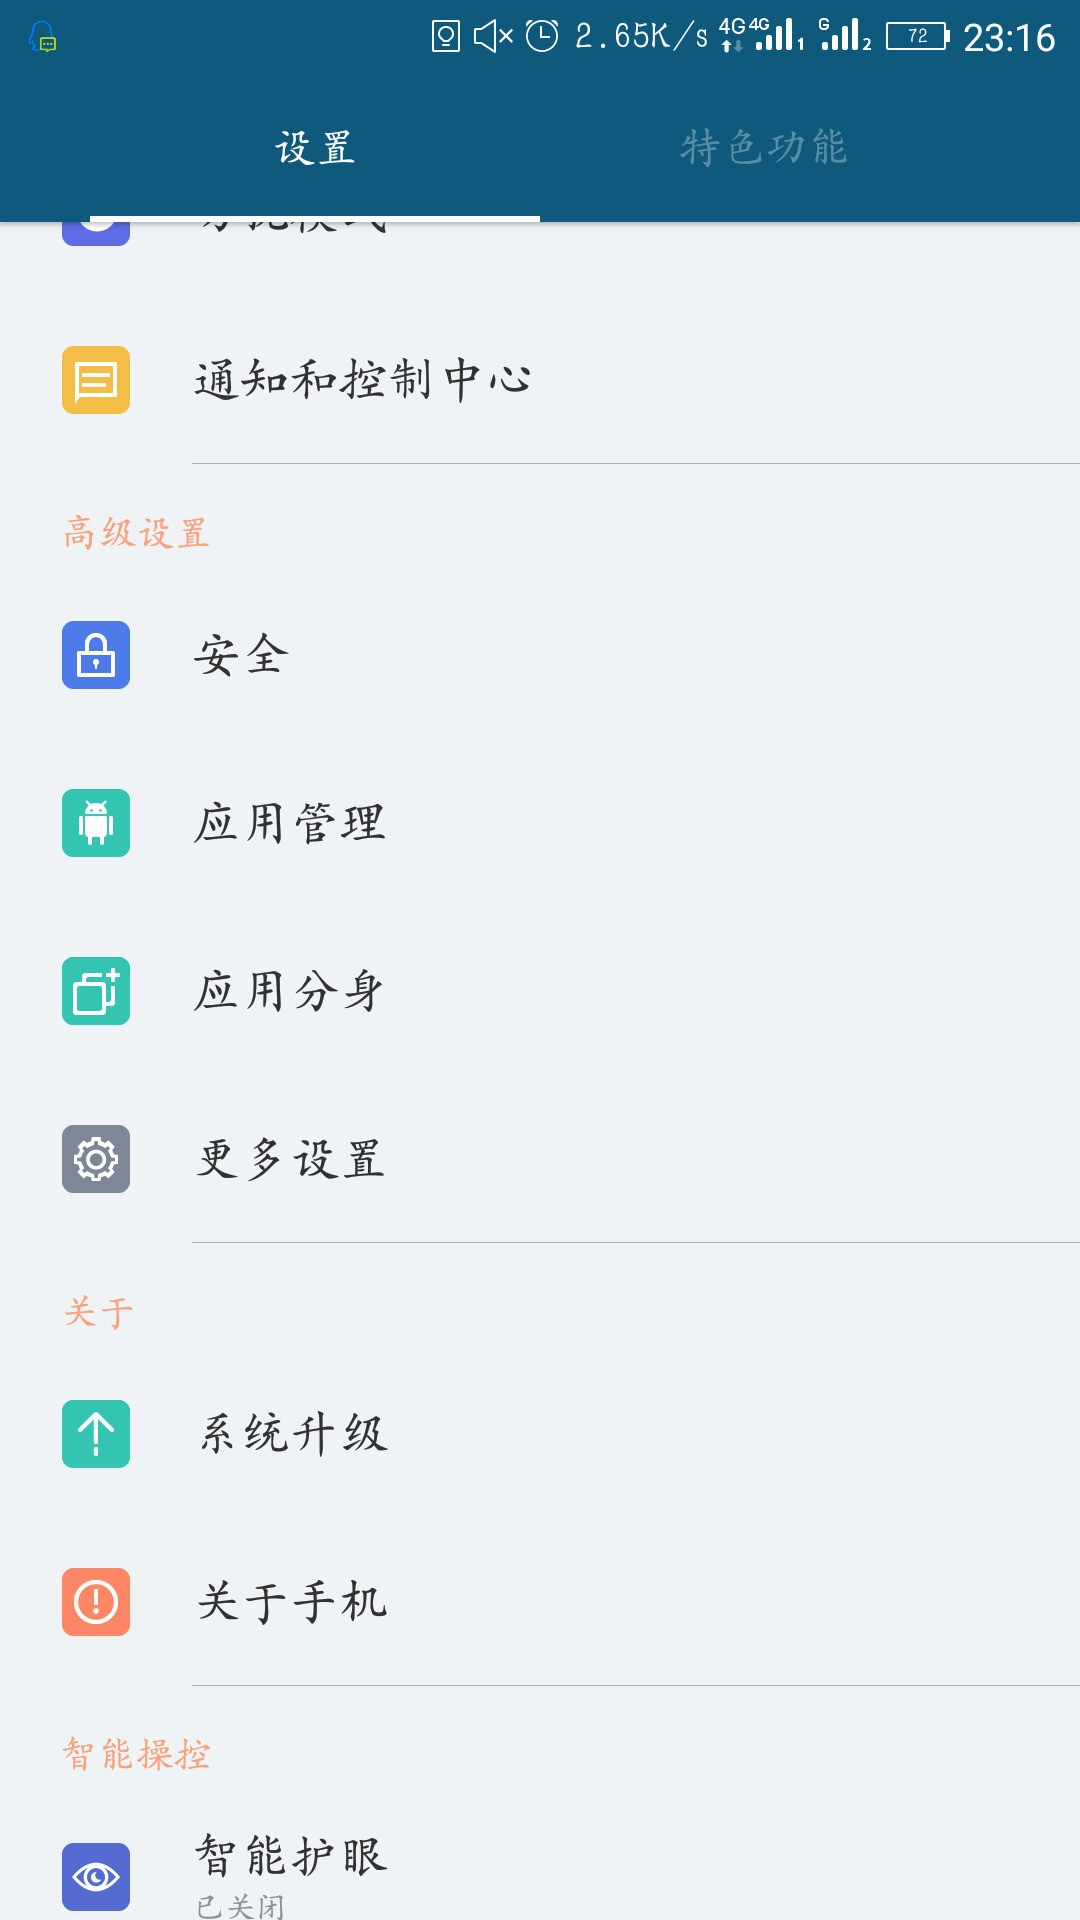 王者荣耀用微信登录怎么删除